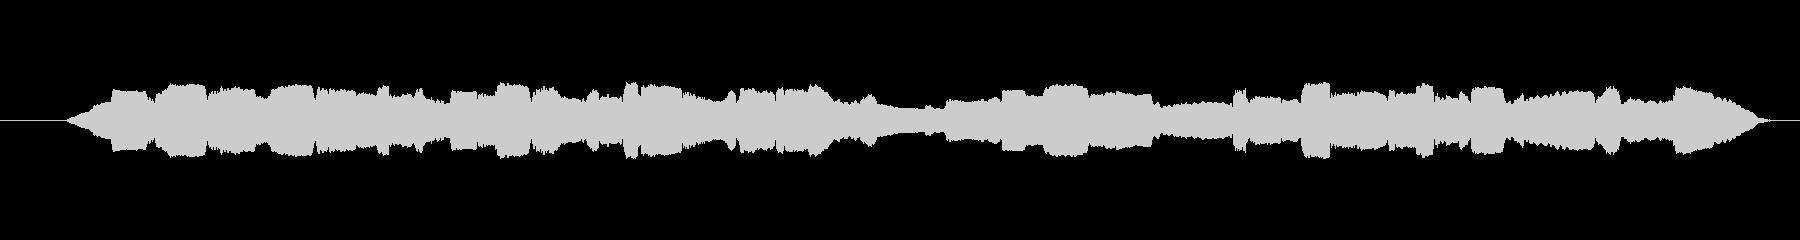 素材 オカリナランダムネスショート03の未再生の波形